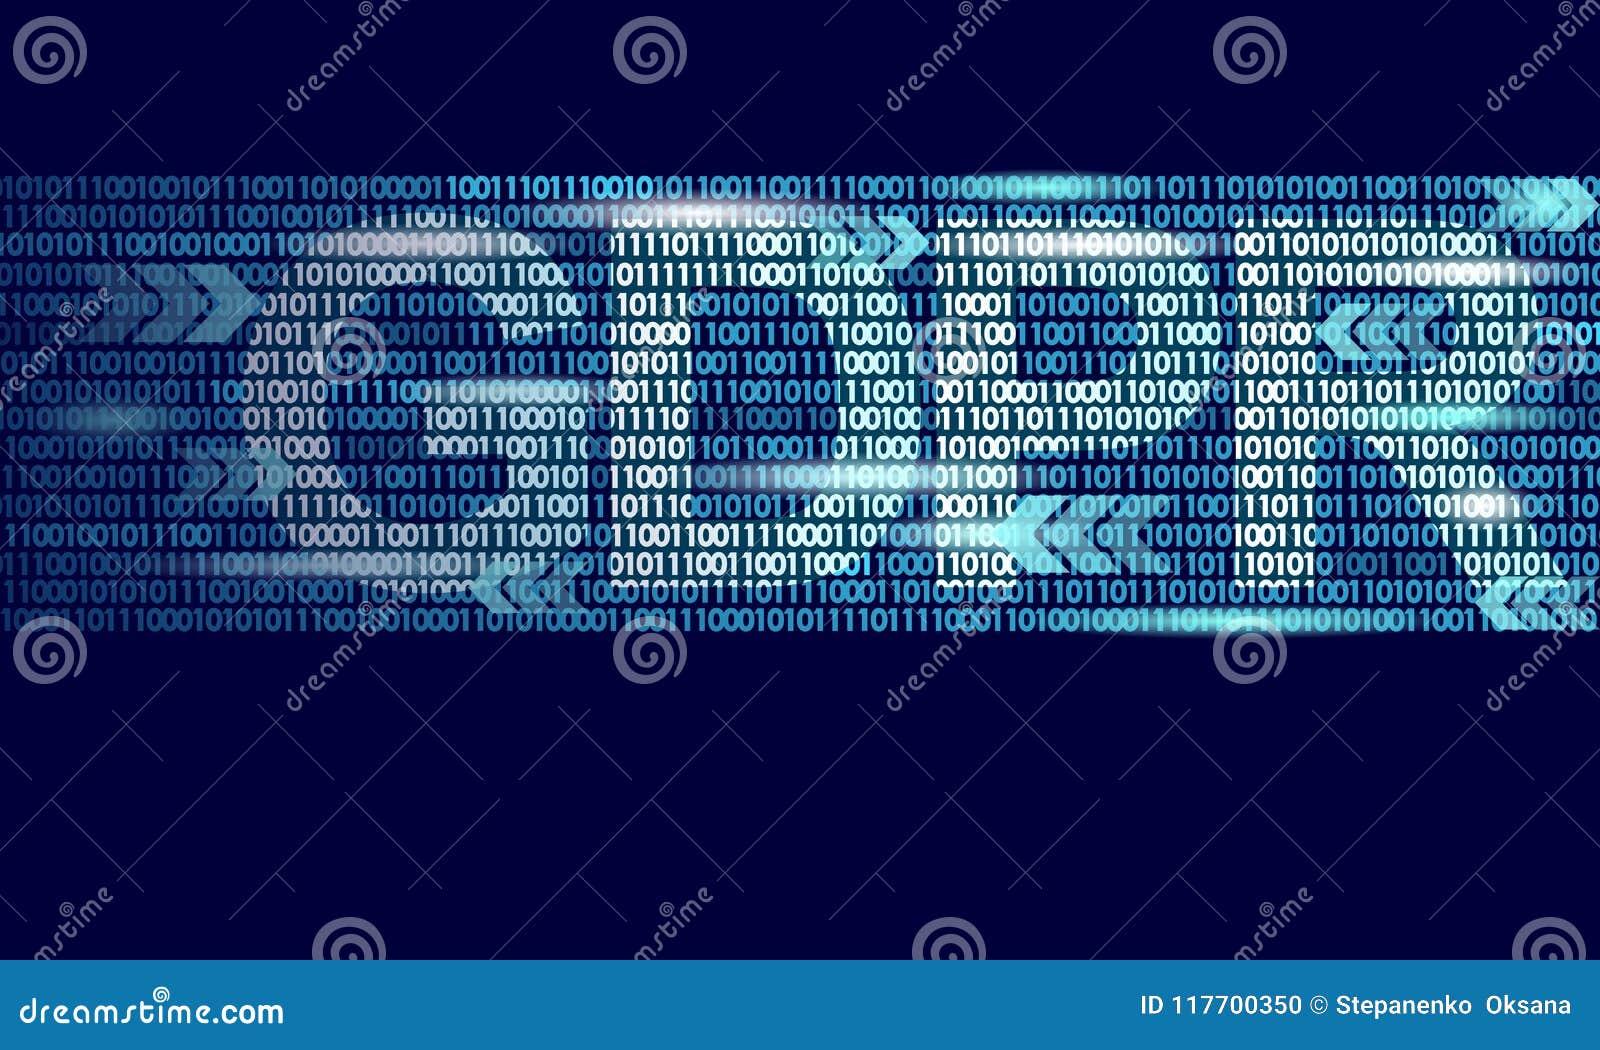 Закон GDPR защиты данных уединения Европейский союз безопасности конфиденциальной информации данных регулированный Правый быть за